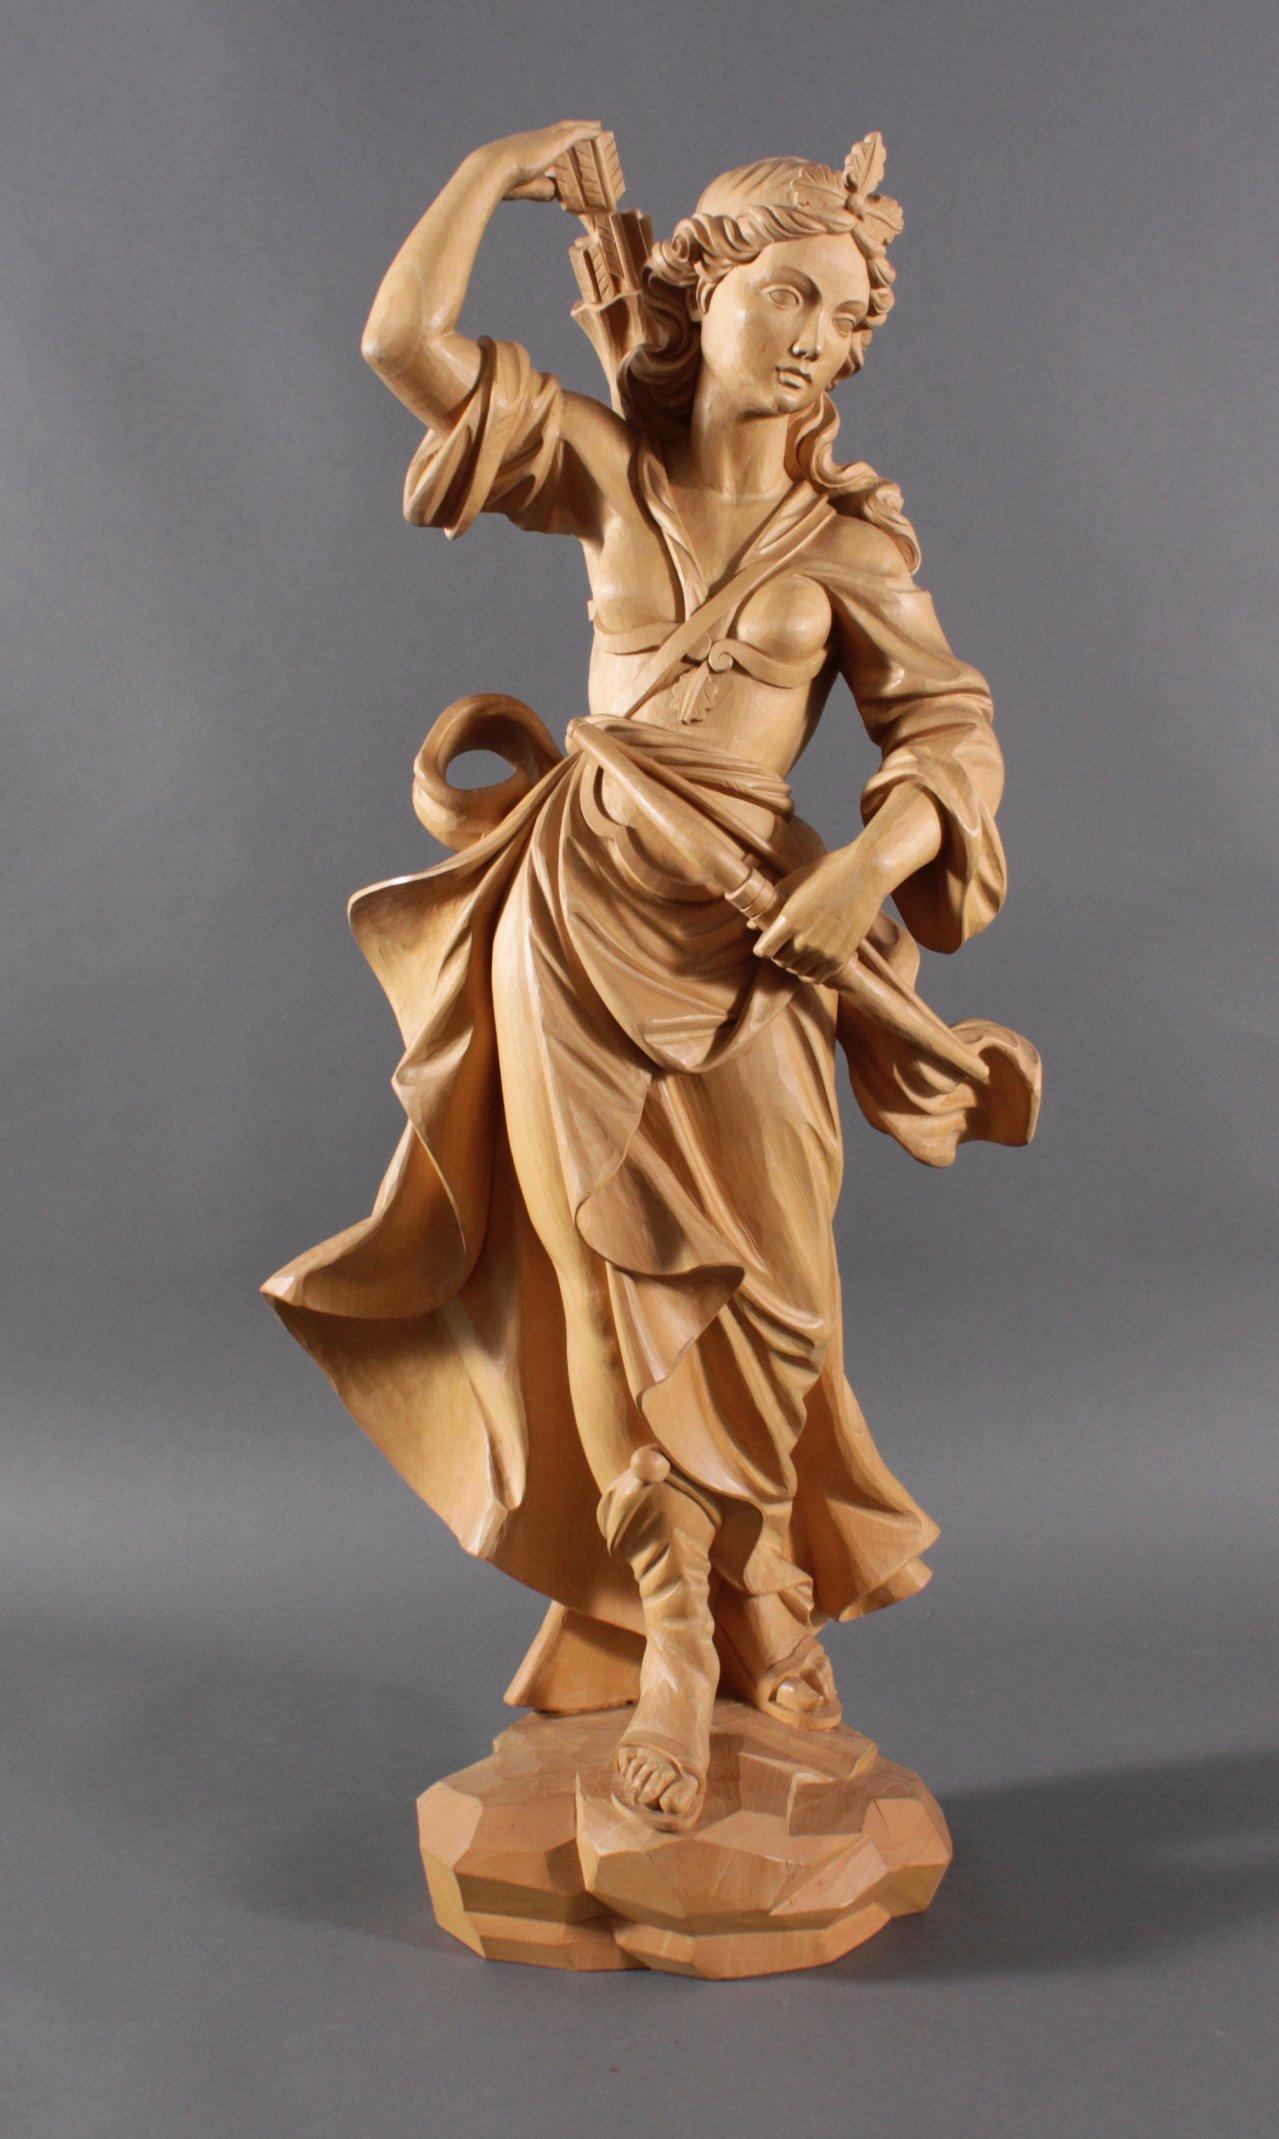 Große Holz-Skulptur, Artemis mit Pfeil und Bogen